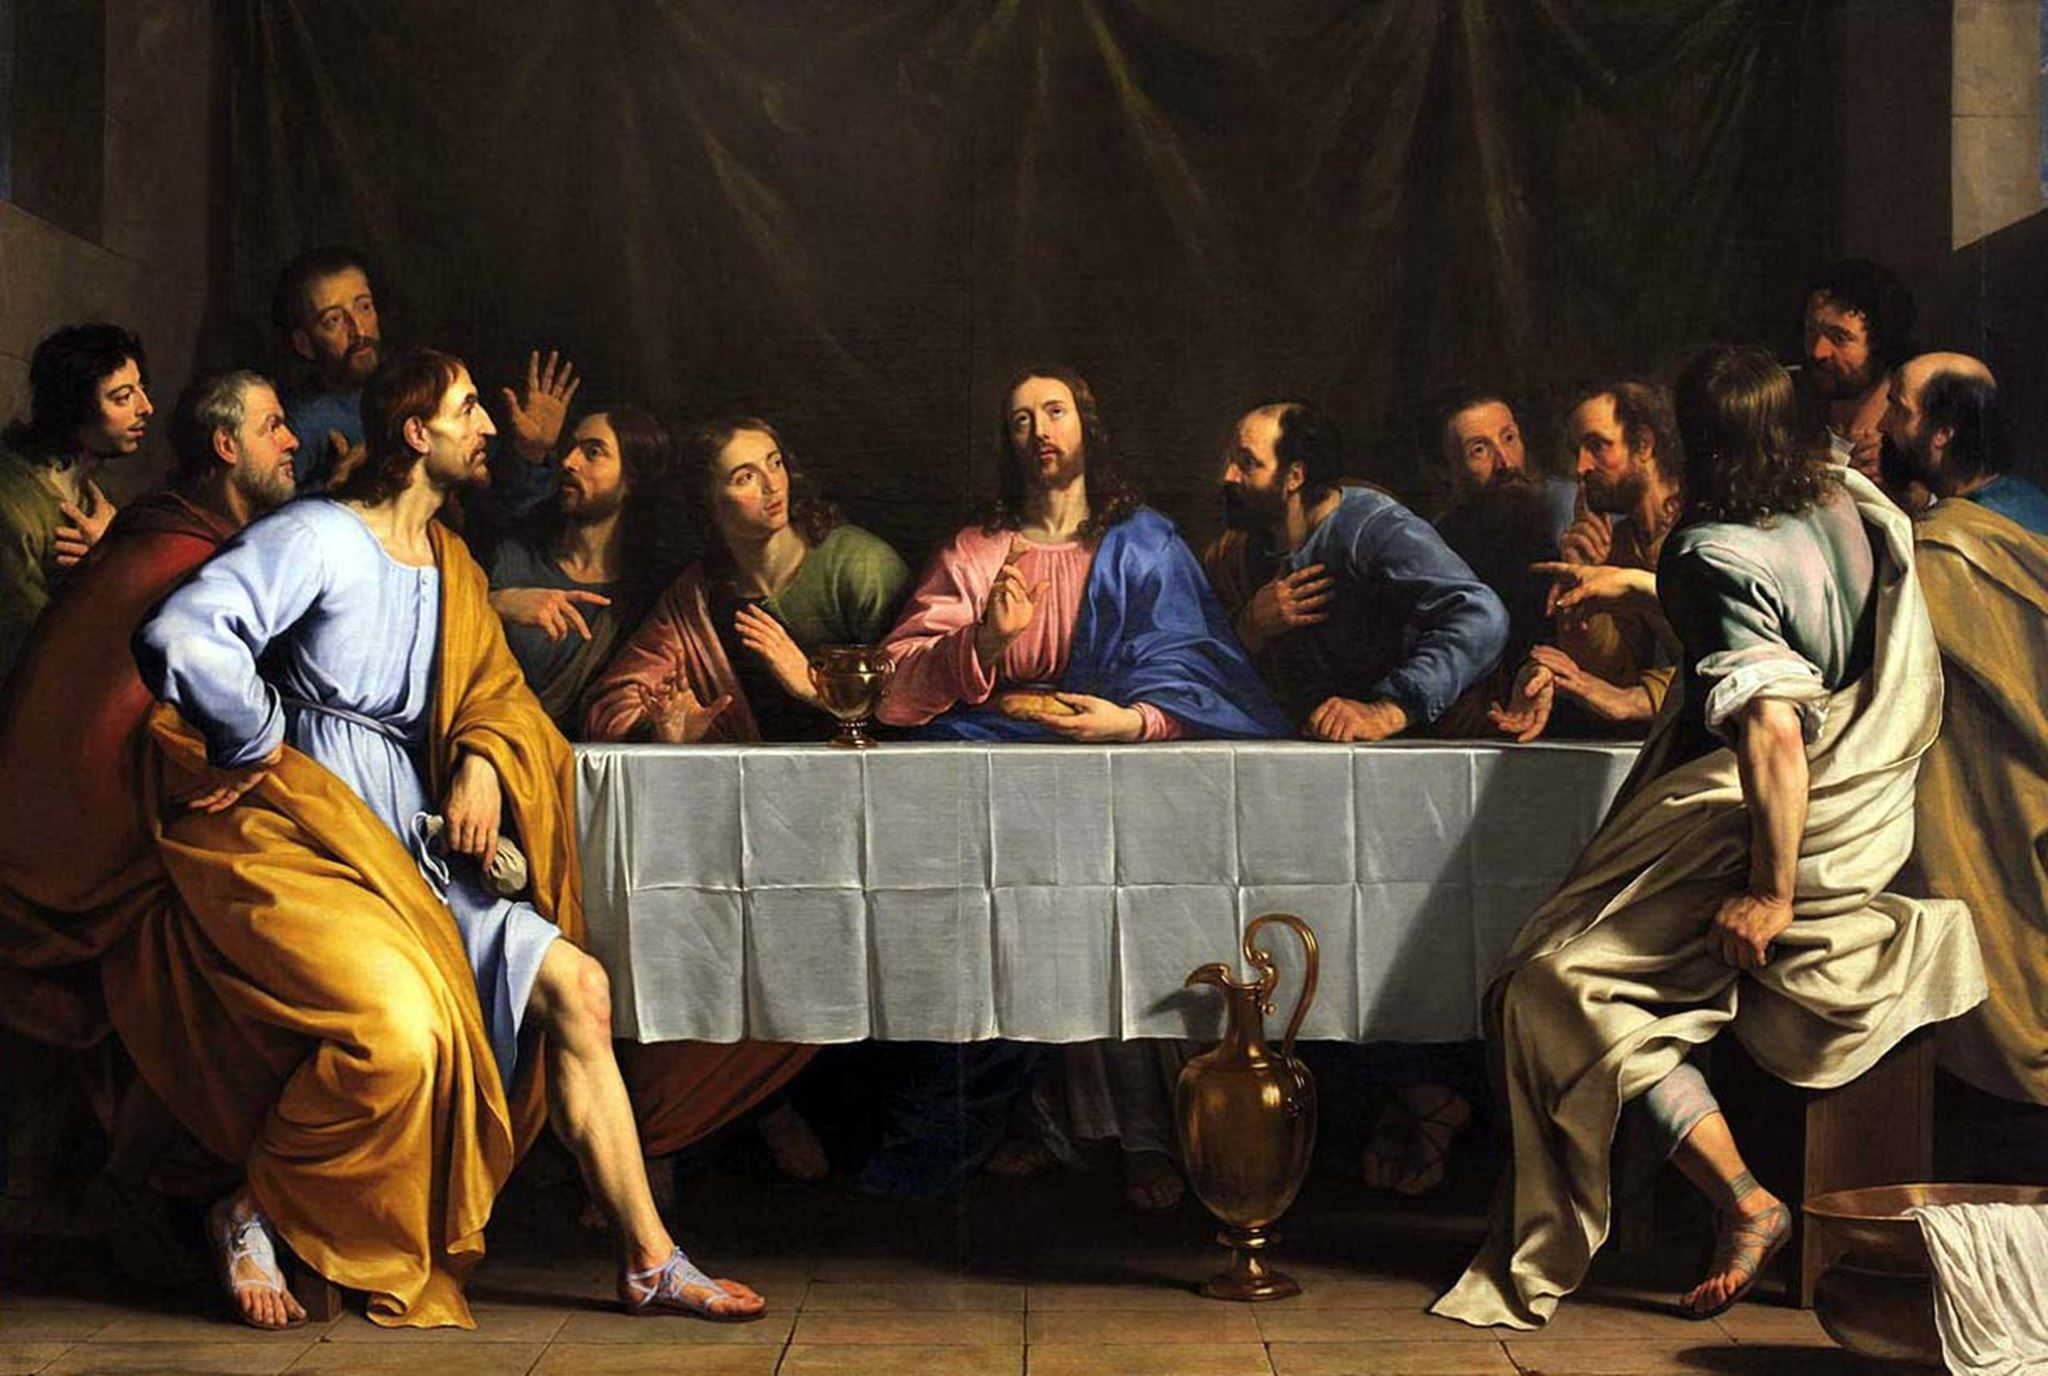 Trời đã tối (30.3.2021 – Thứ Ba Tuần Thánh)